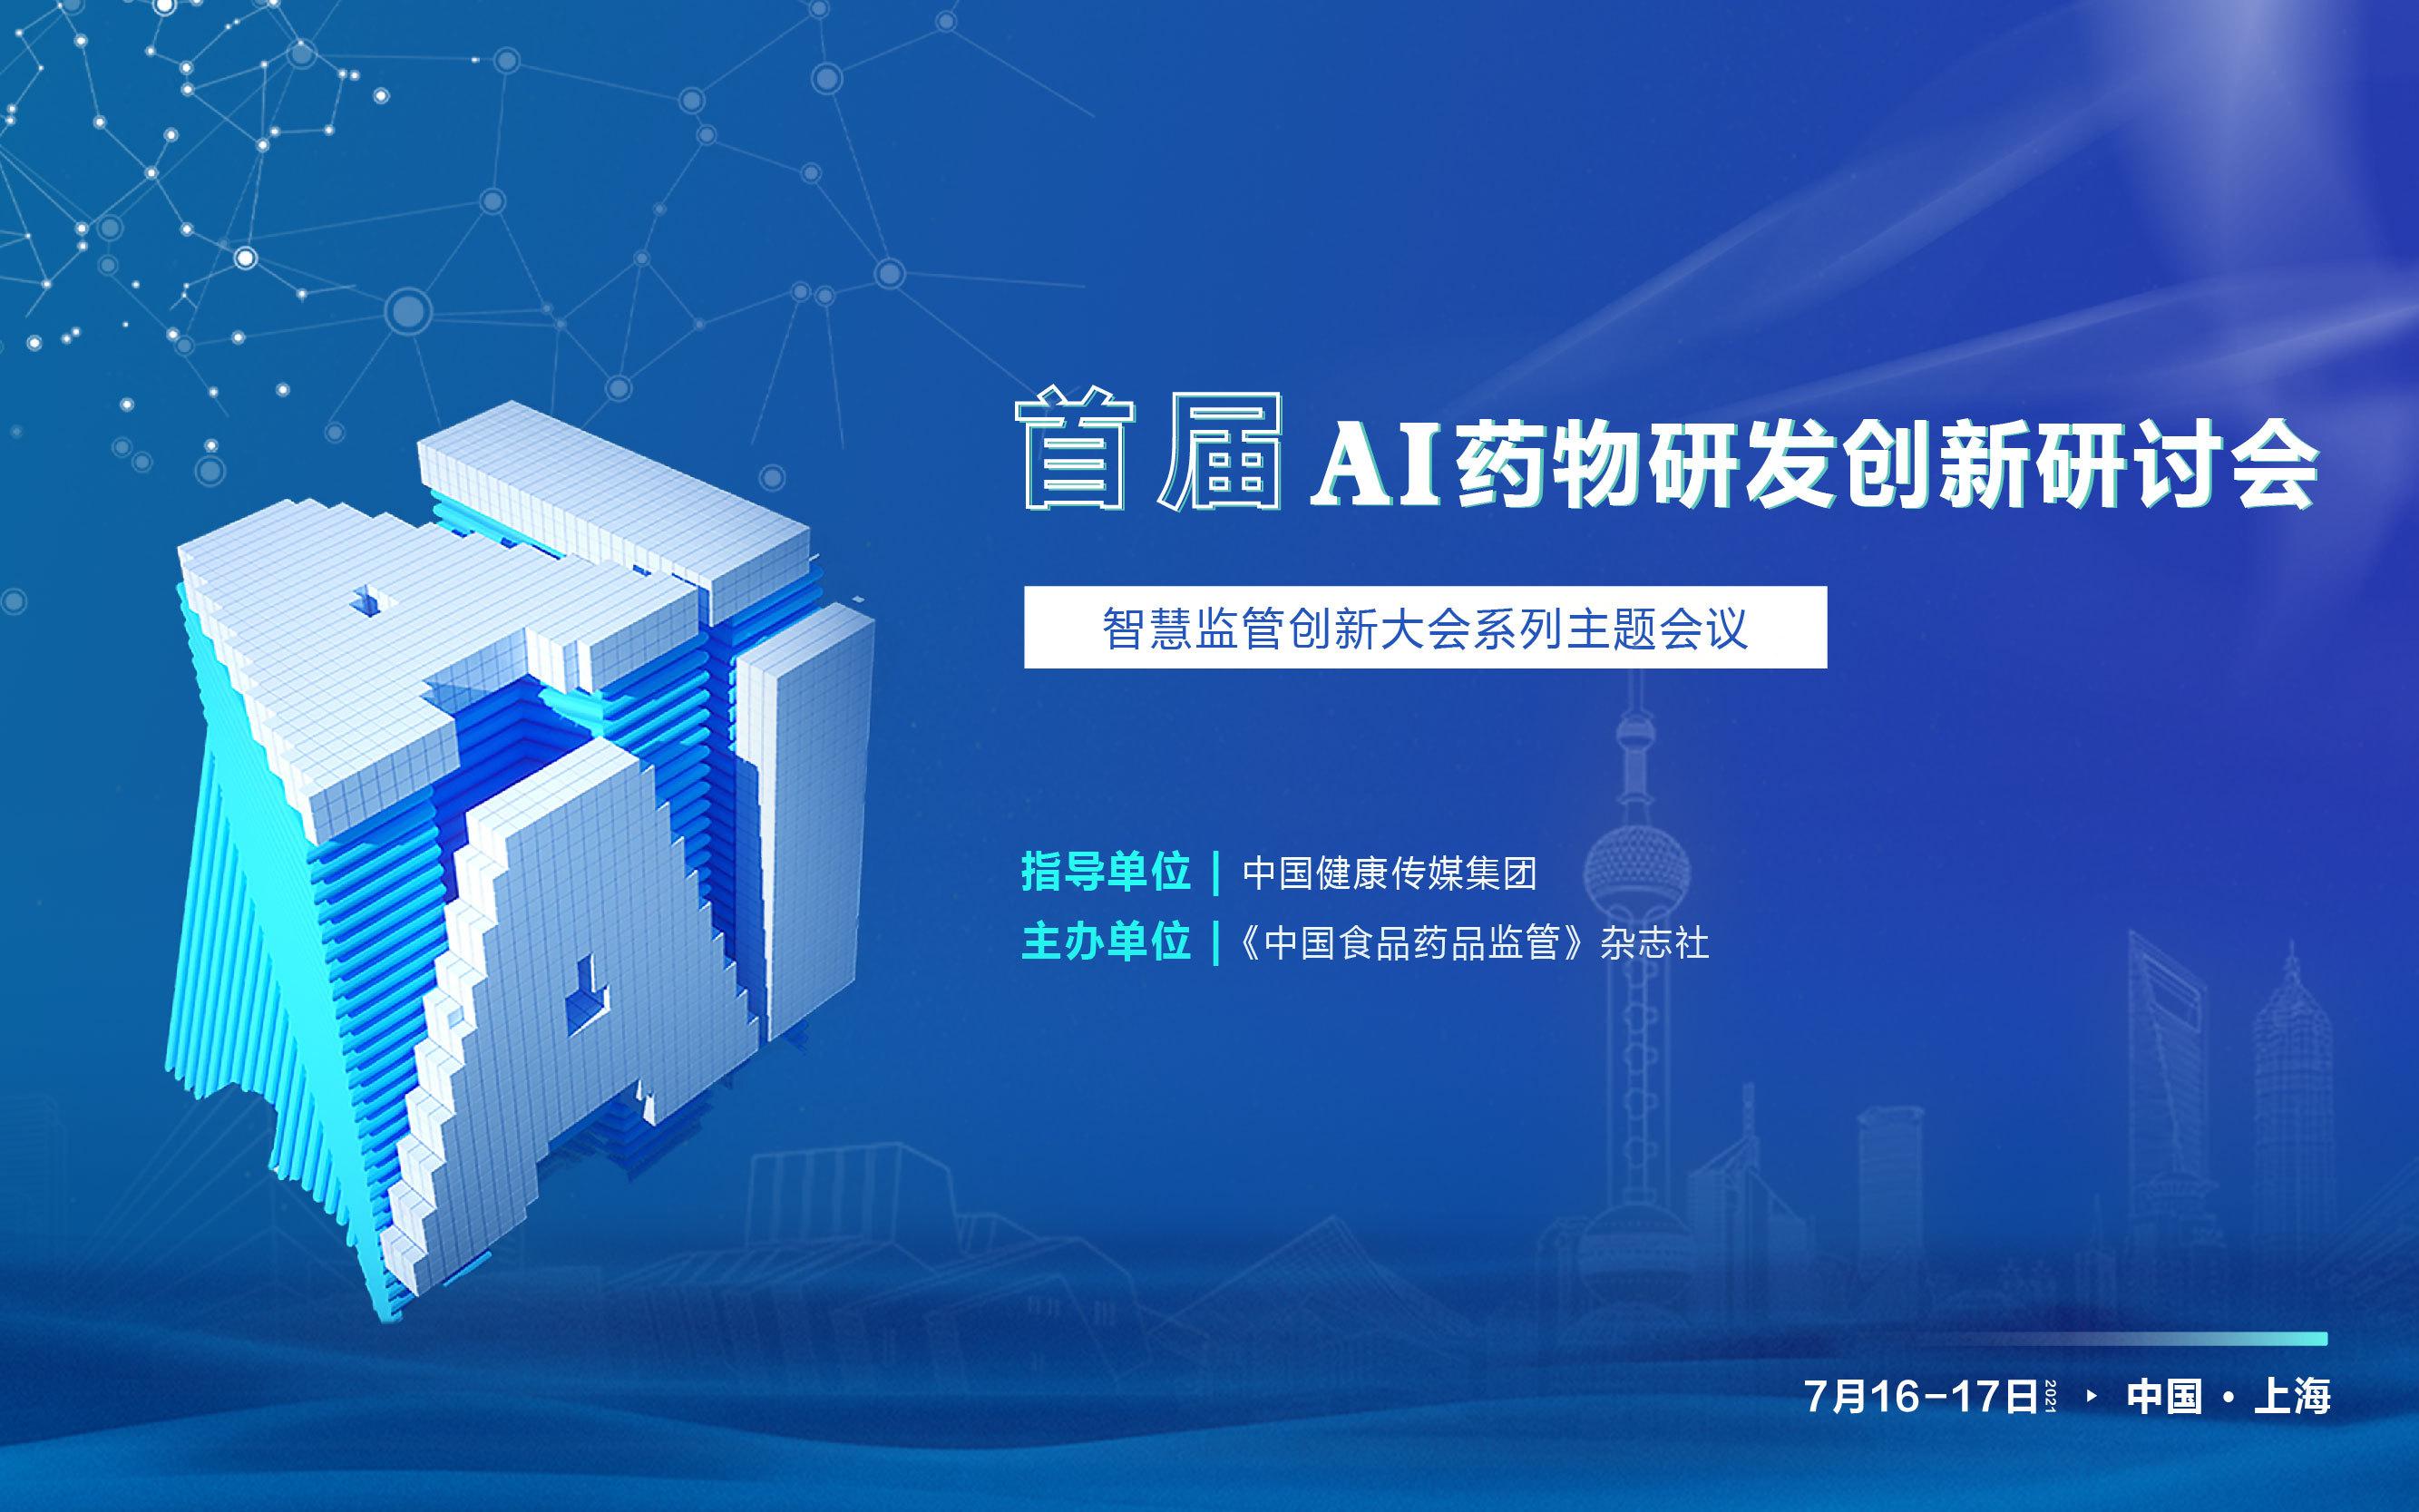 2021首届AI药物研发创新研讨会